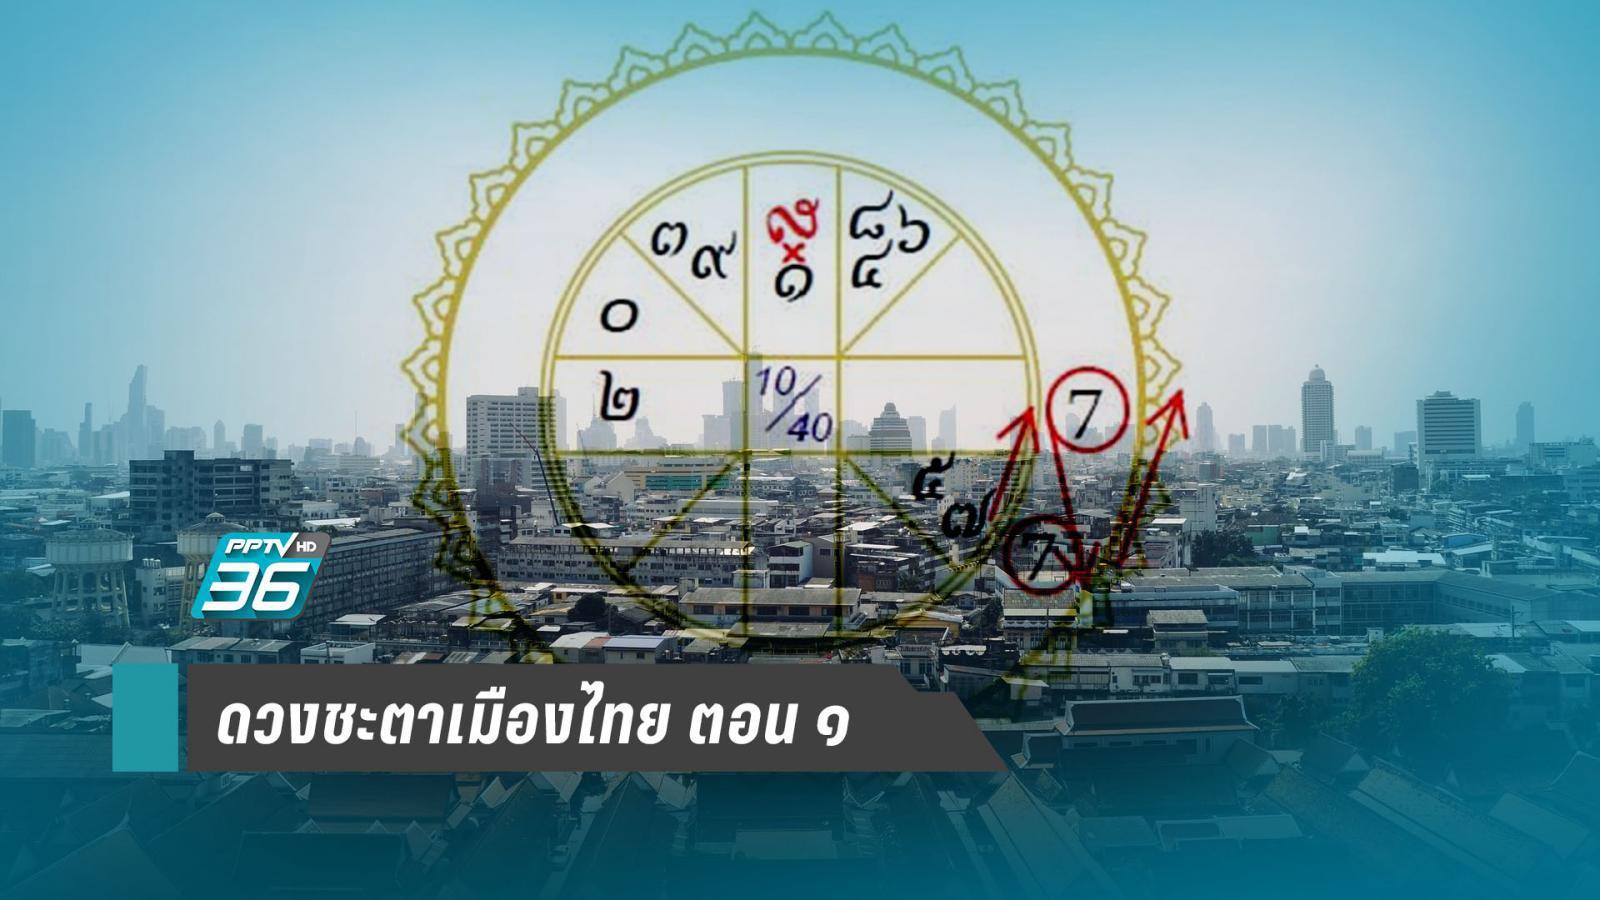 เปิดอีกมุม! สถานการณ์การเมืองไทย กับคำทำนายดวงเมืองปี 63